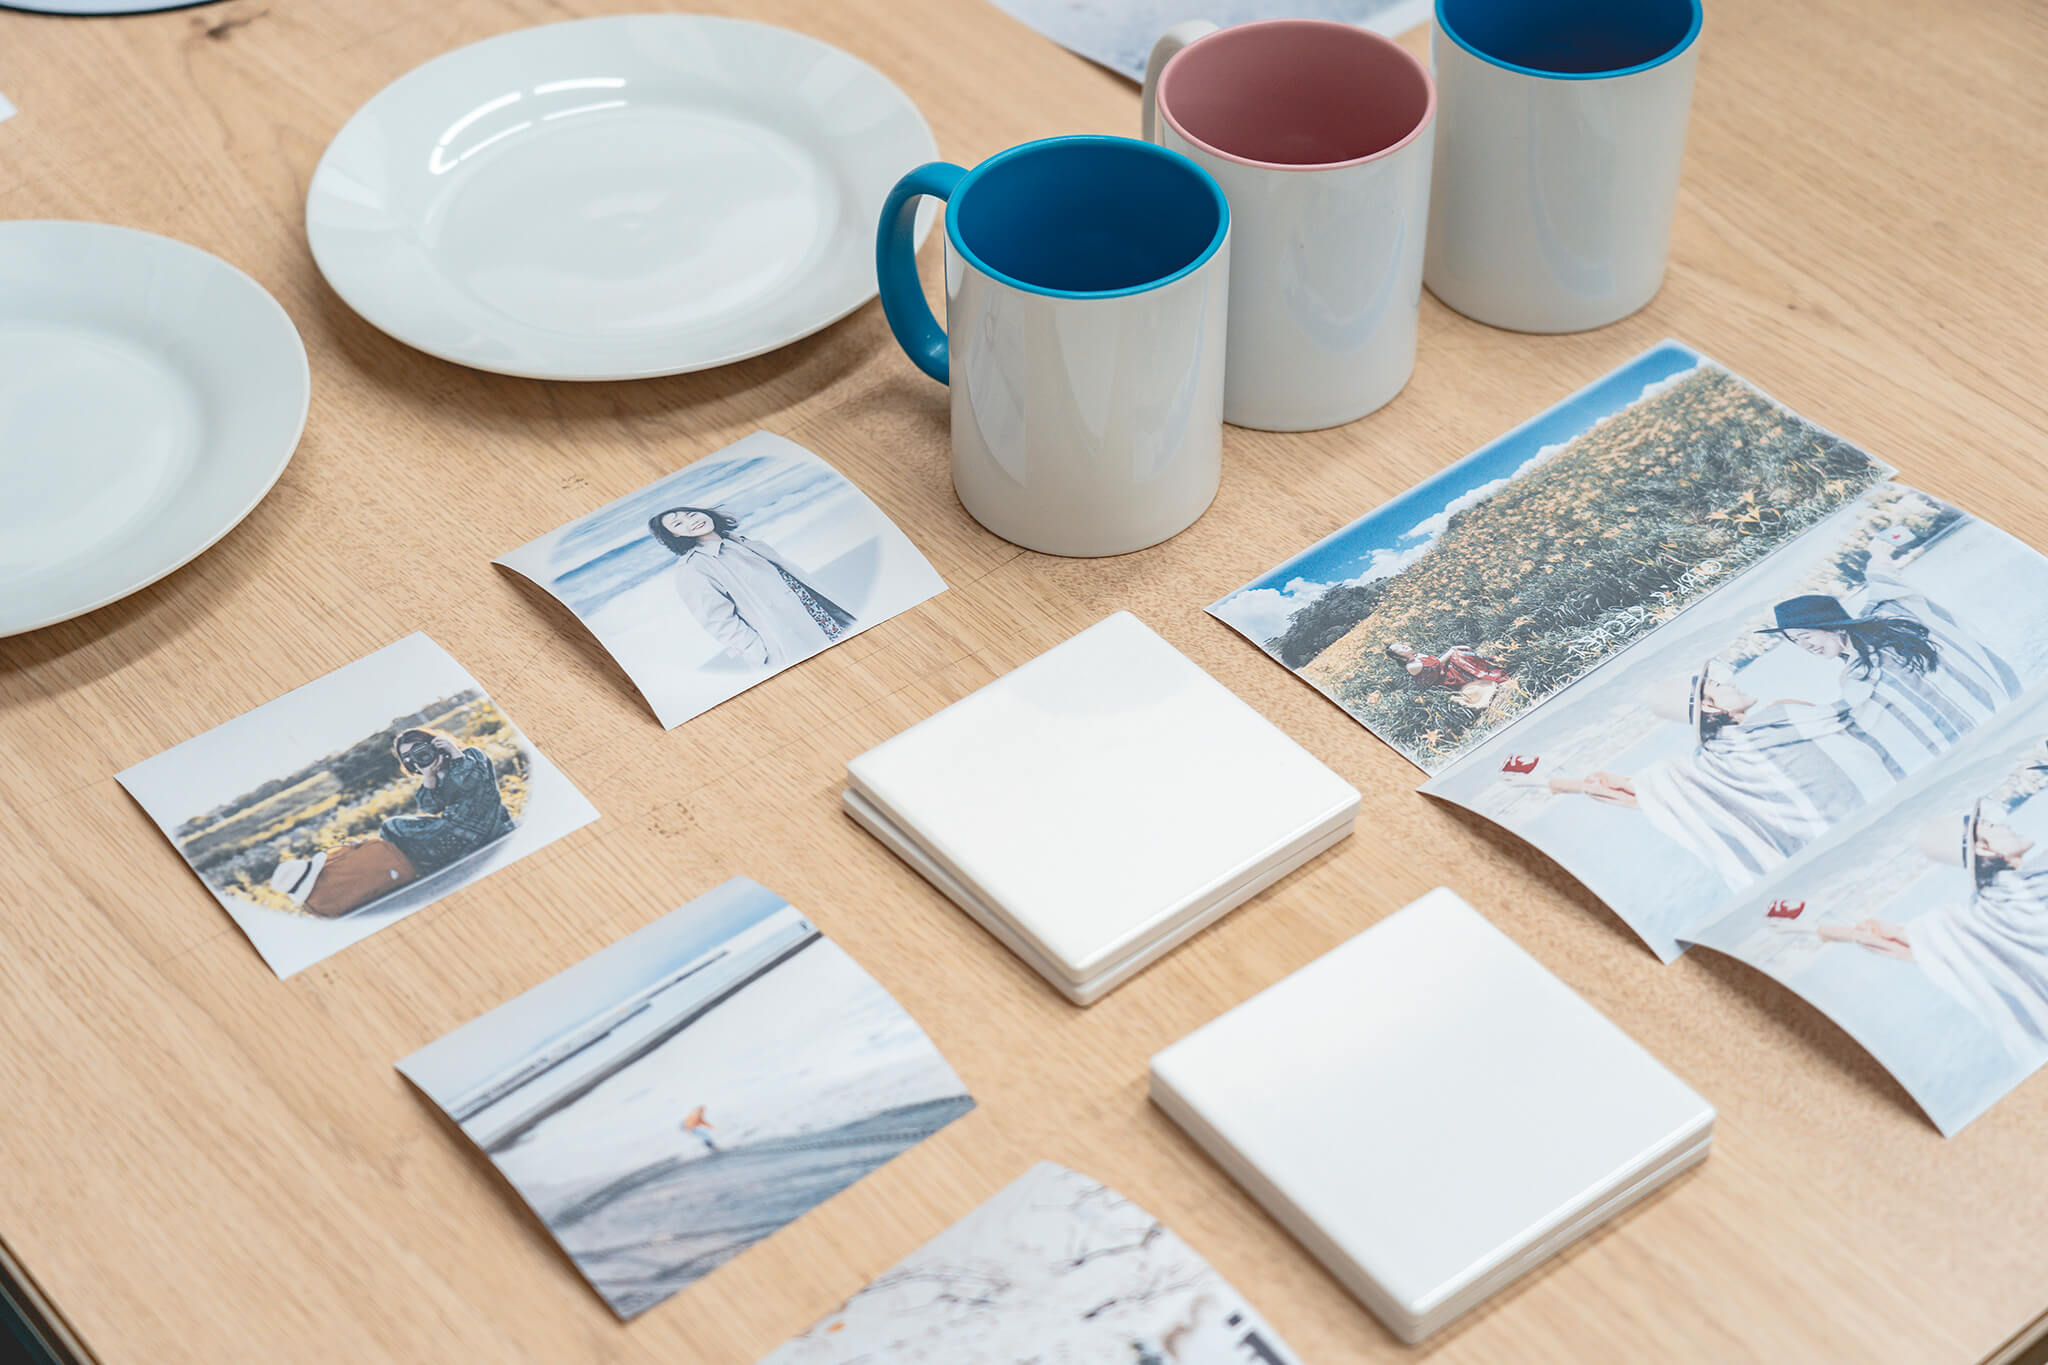 印刷圖片分類-熱轉印機